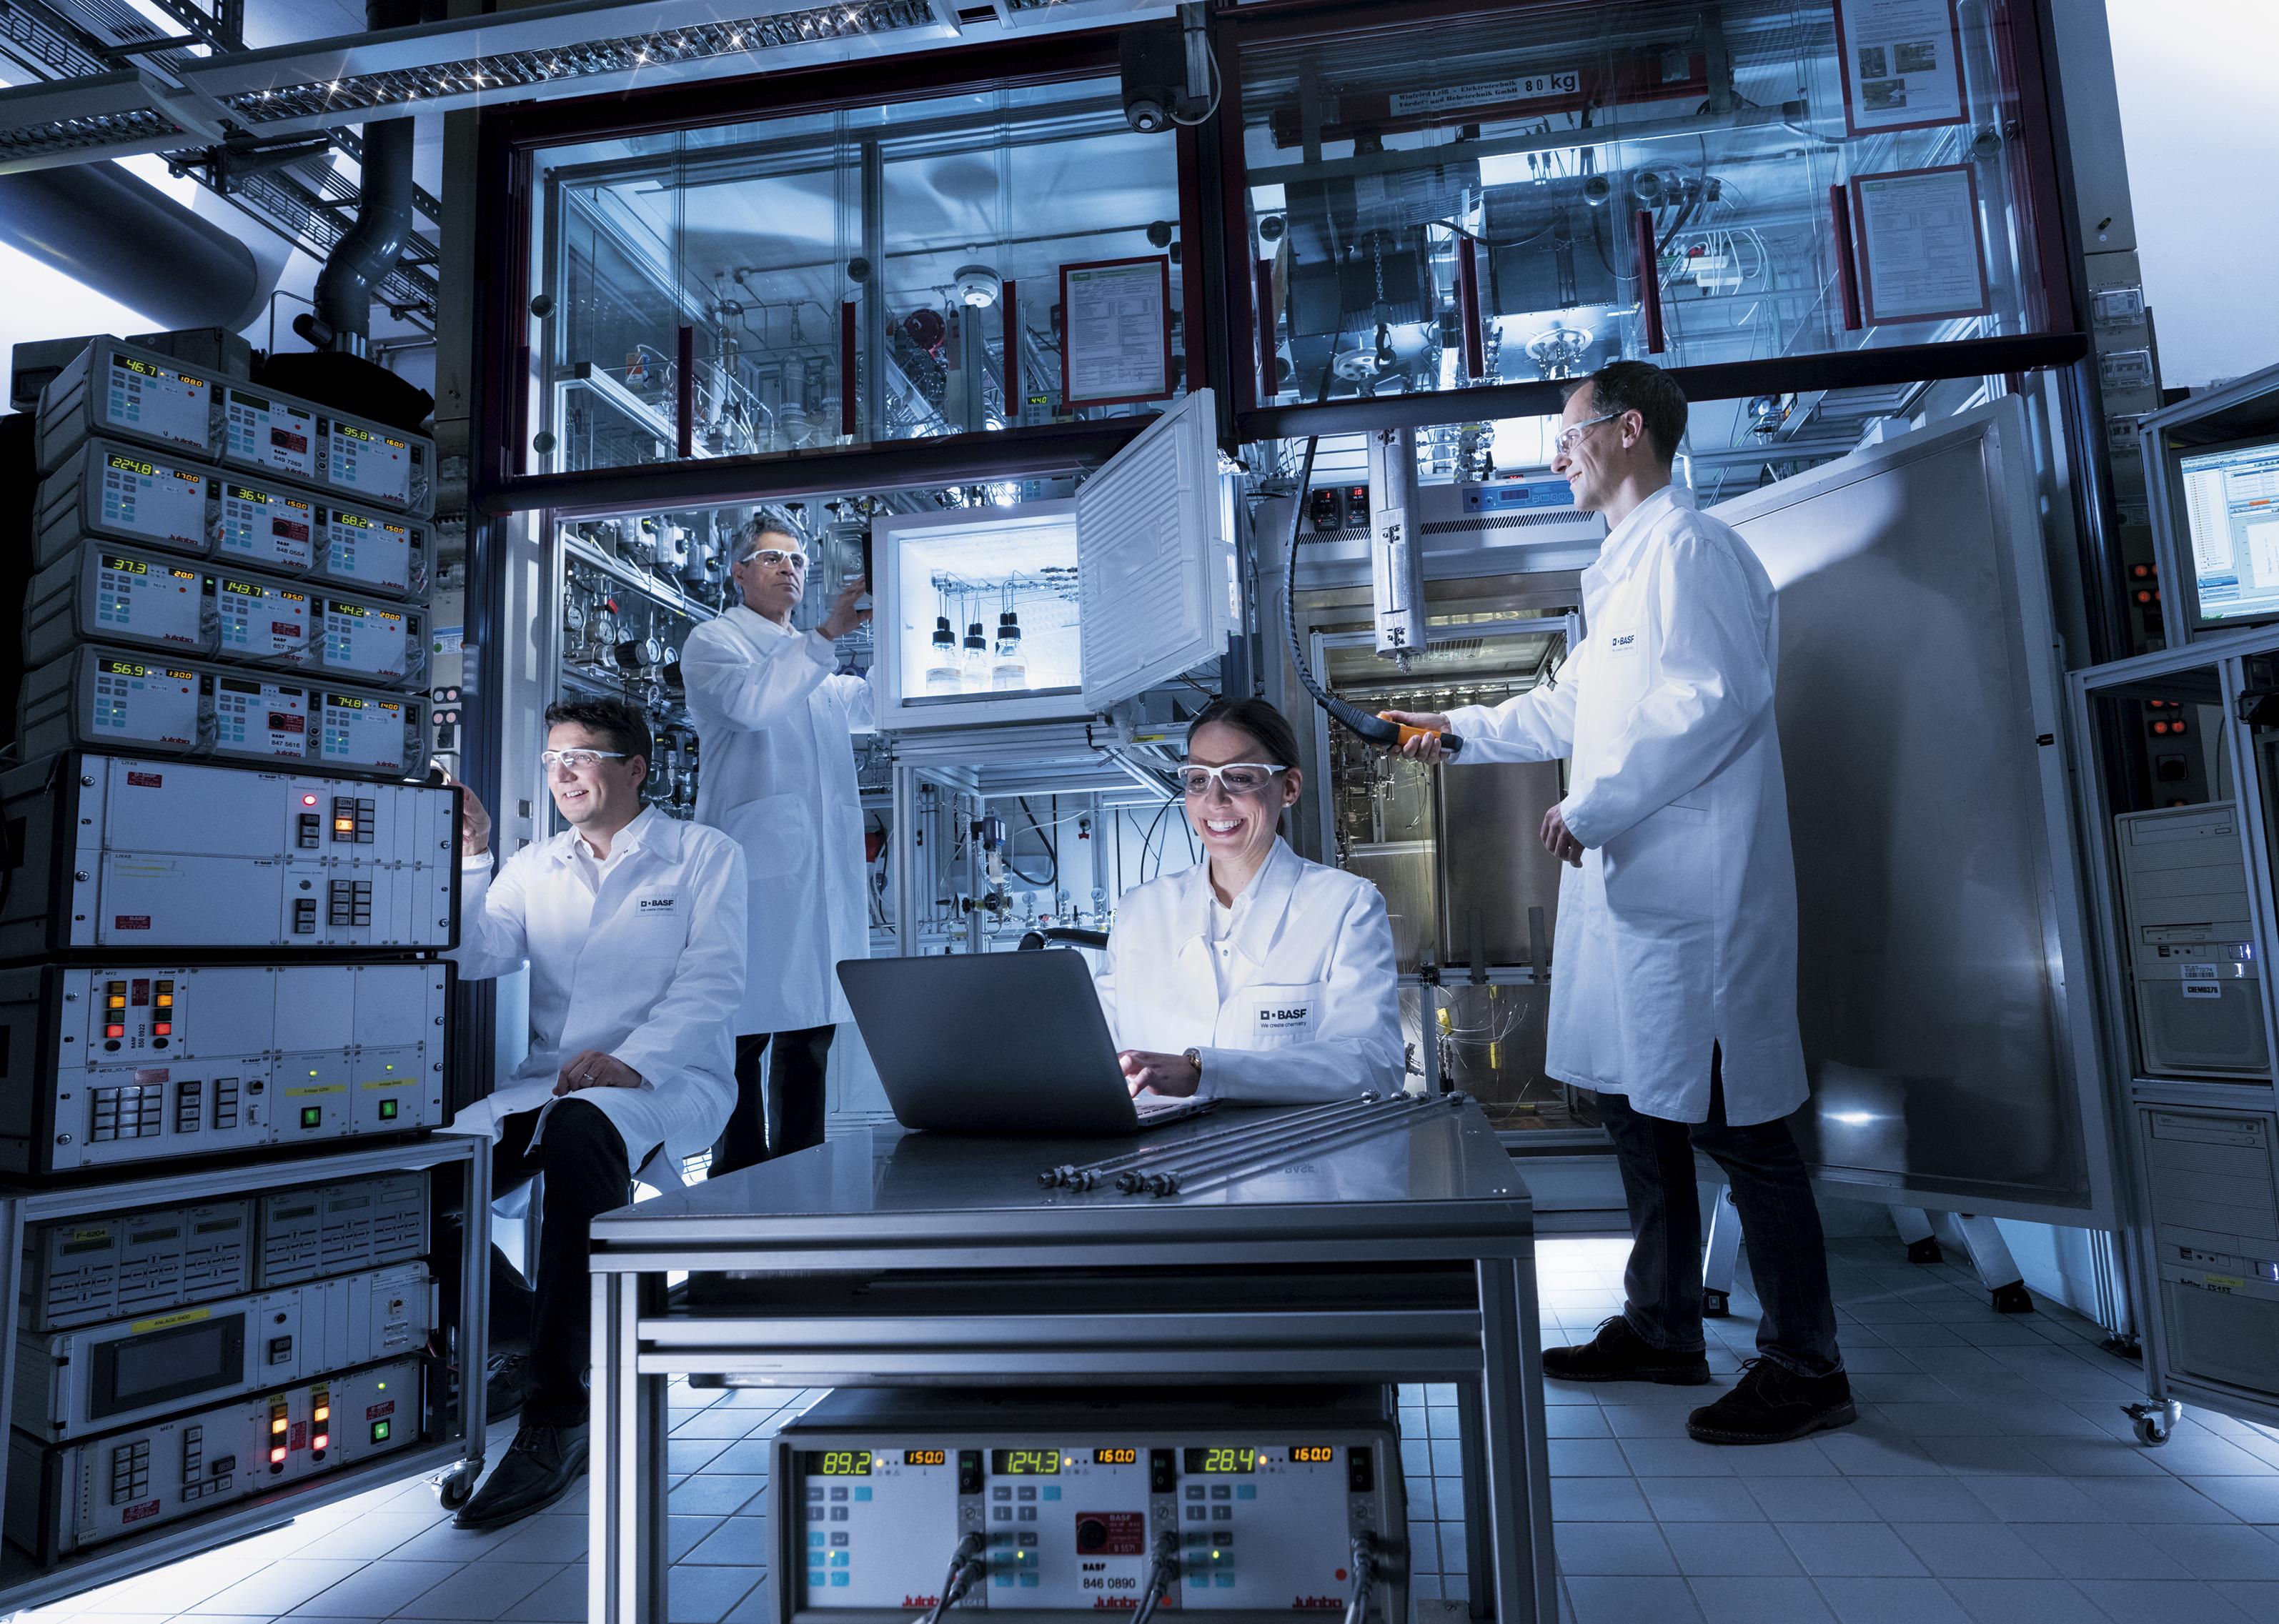 BASF'den İklim Dostu Kimyasal Üretime Yönelik İnovasyonlar